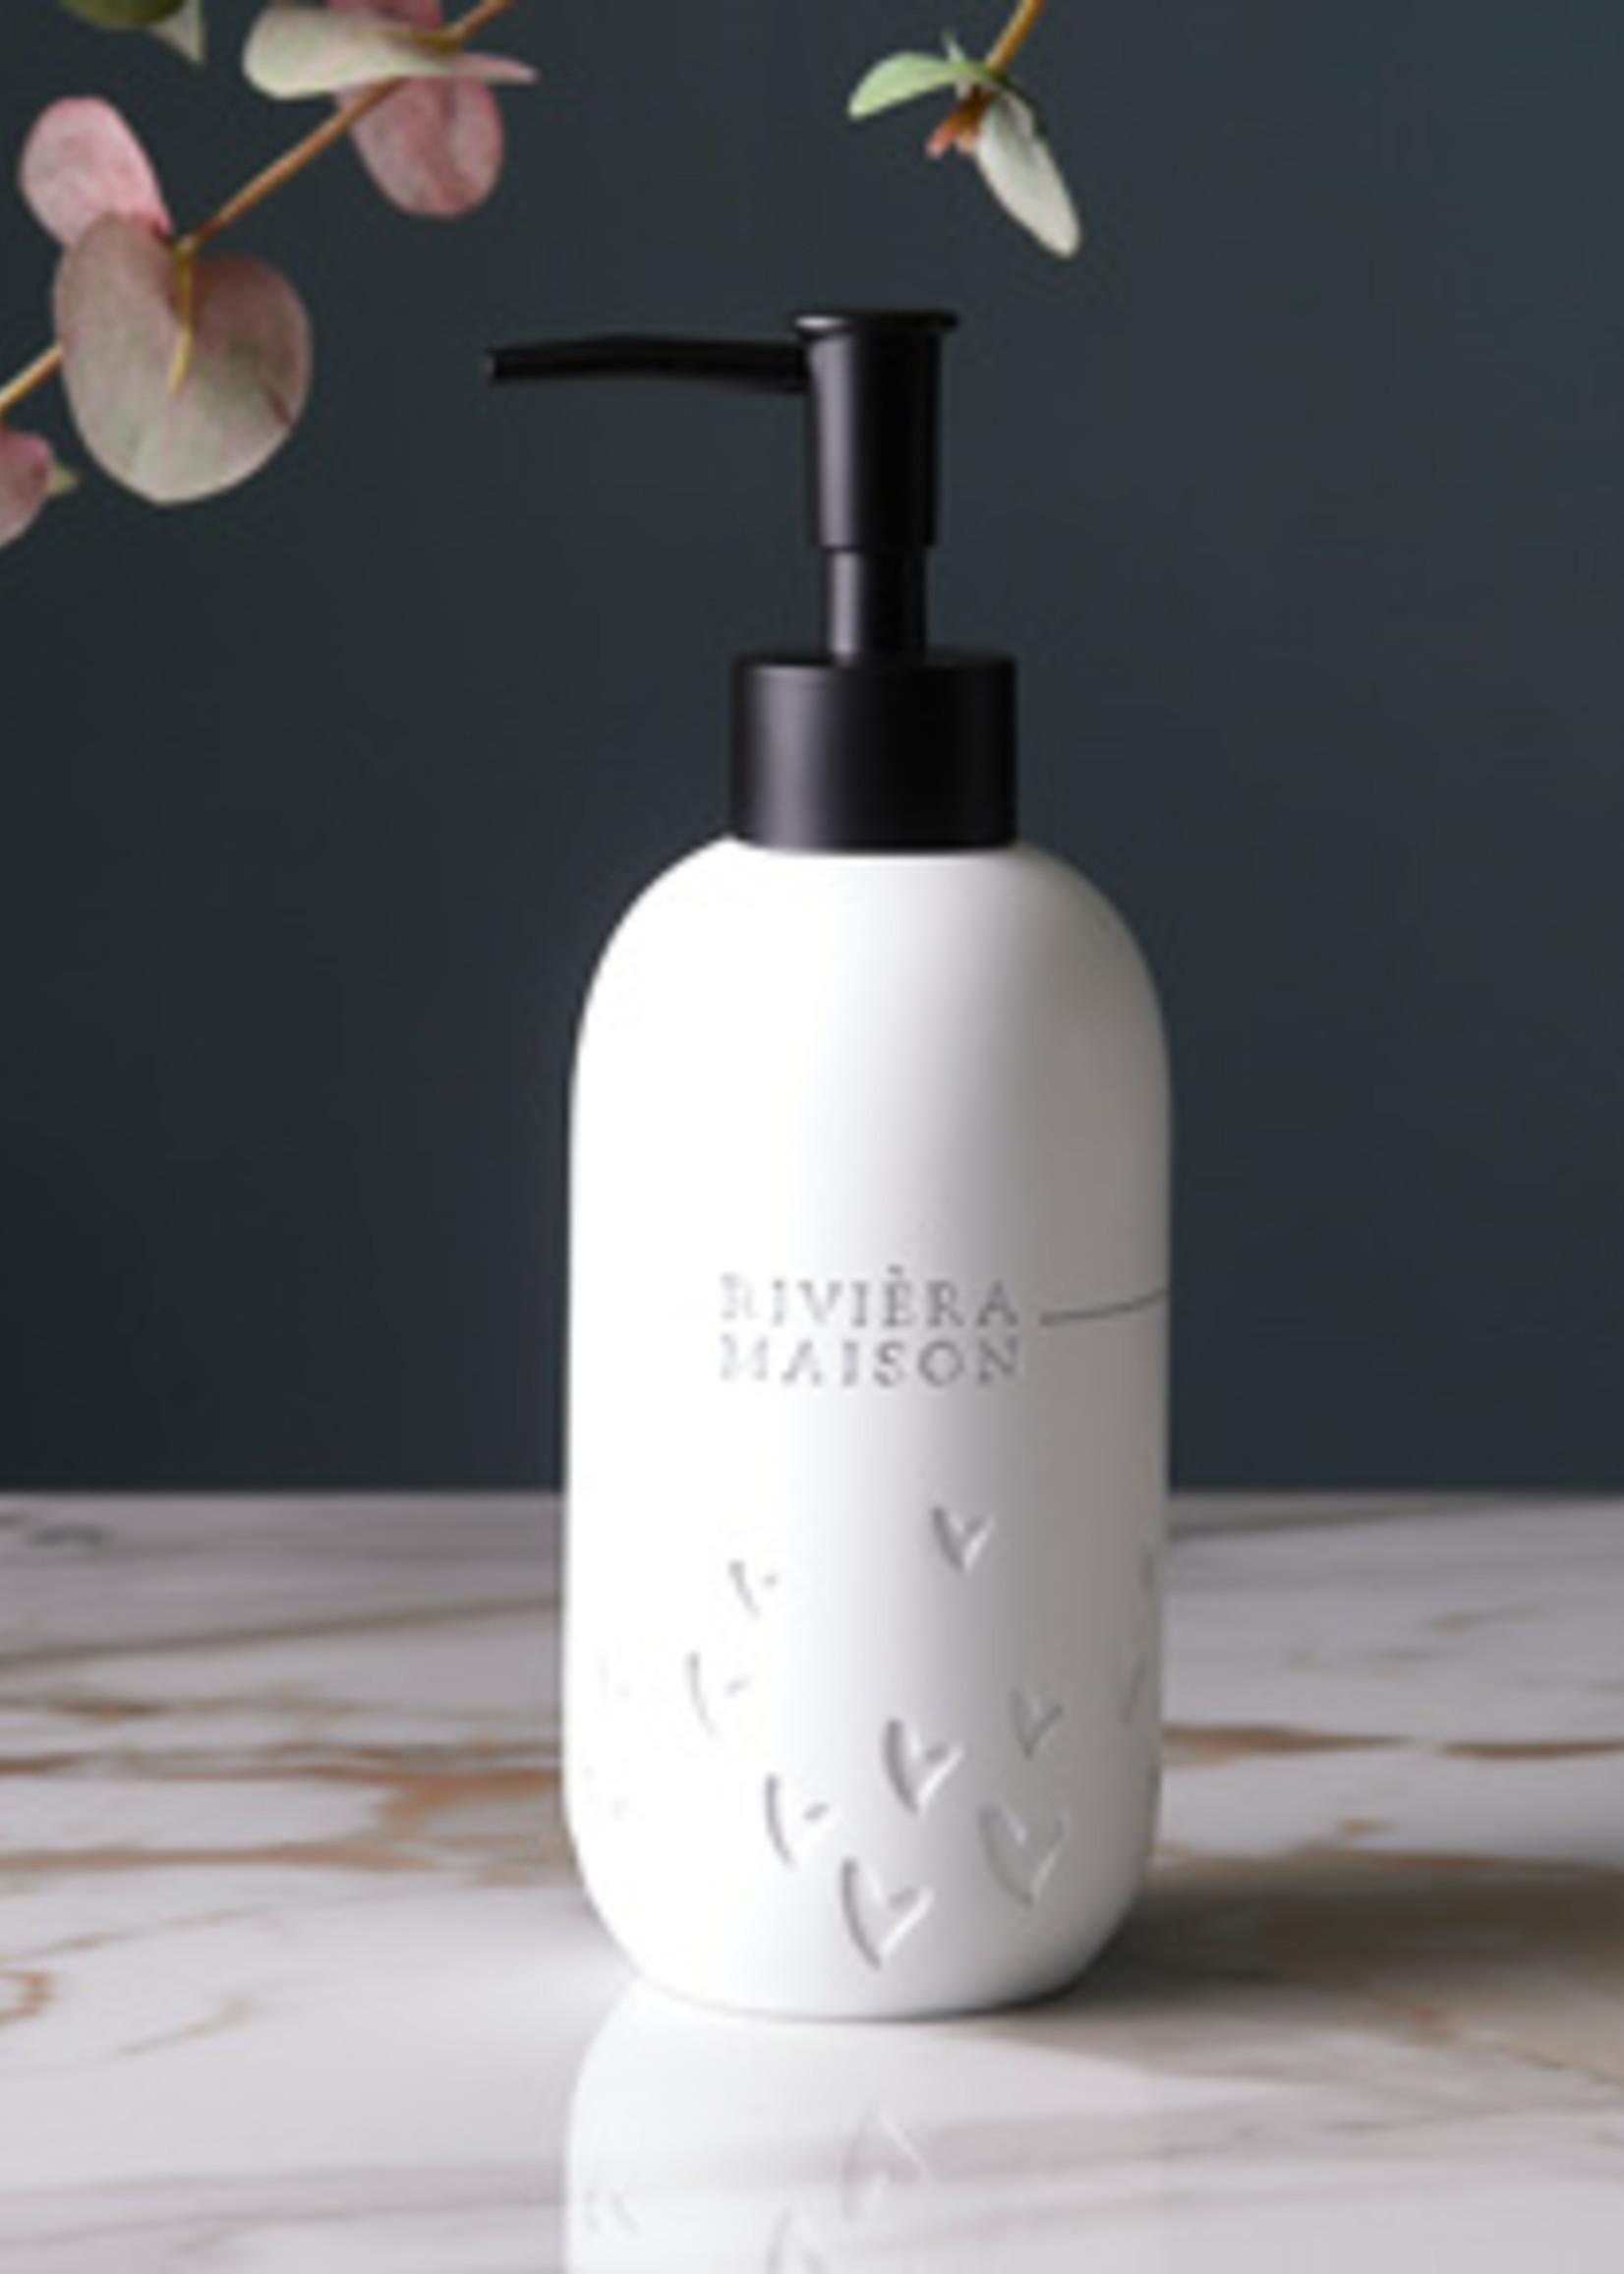 Riviera Maison Lovely Heart Soap Dispenser